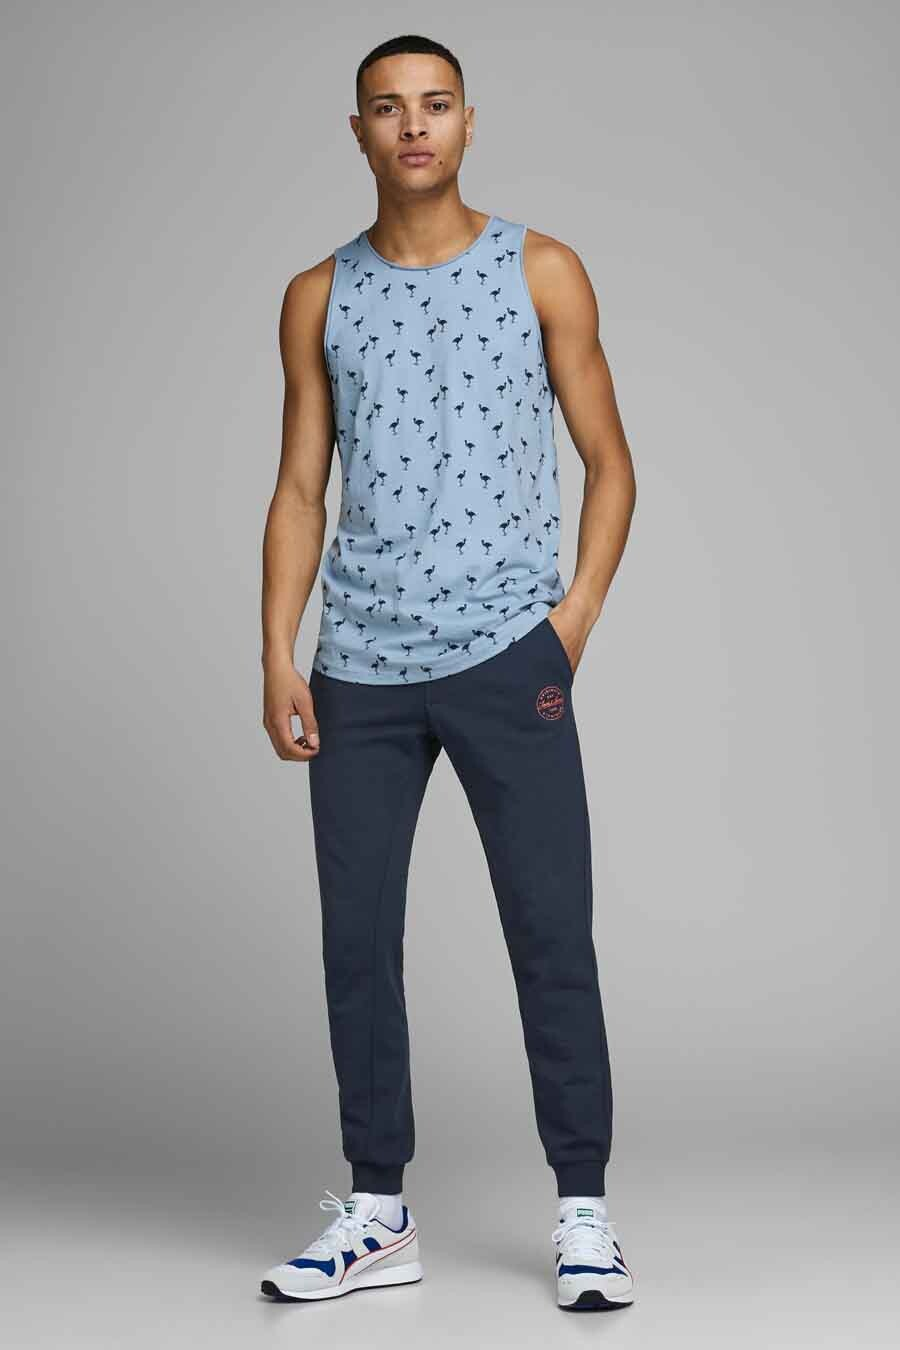 Jack & Jones Jeans Intelligence Jogging, Blauw, Heren, Maat: M/XL